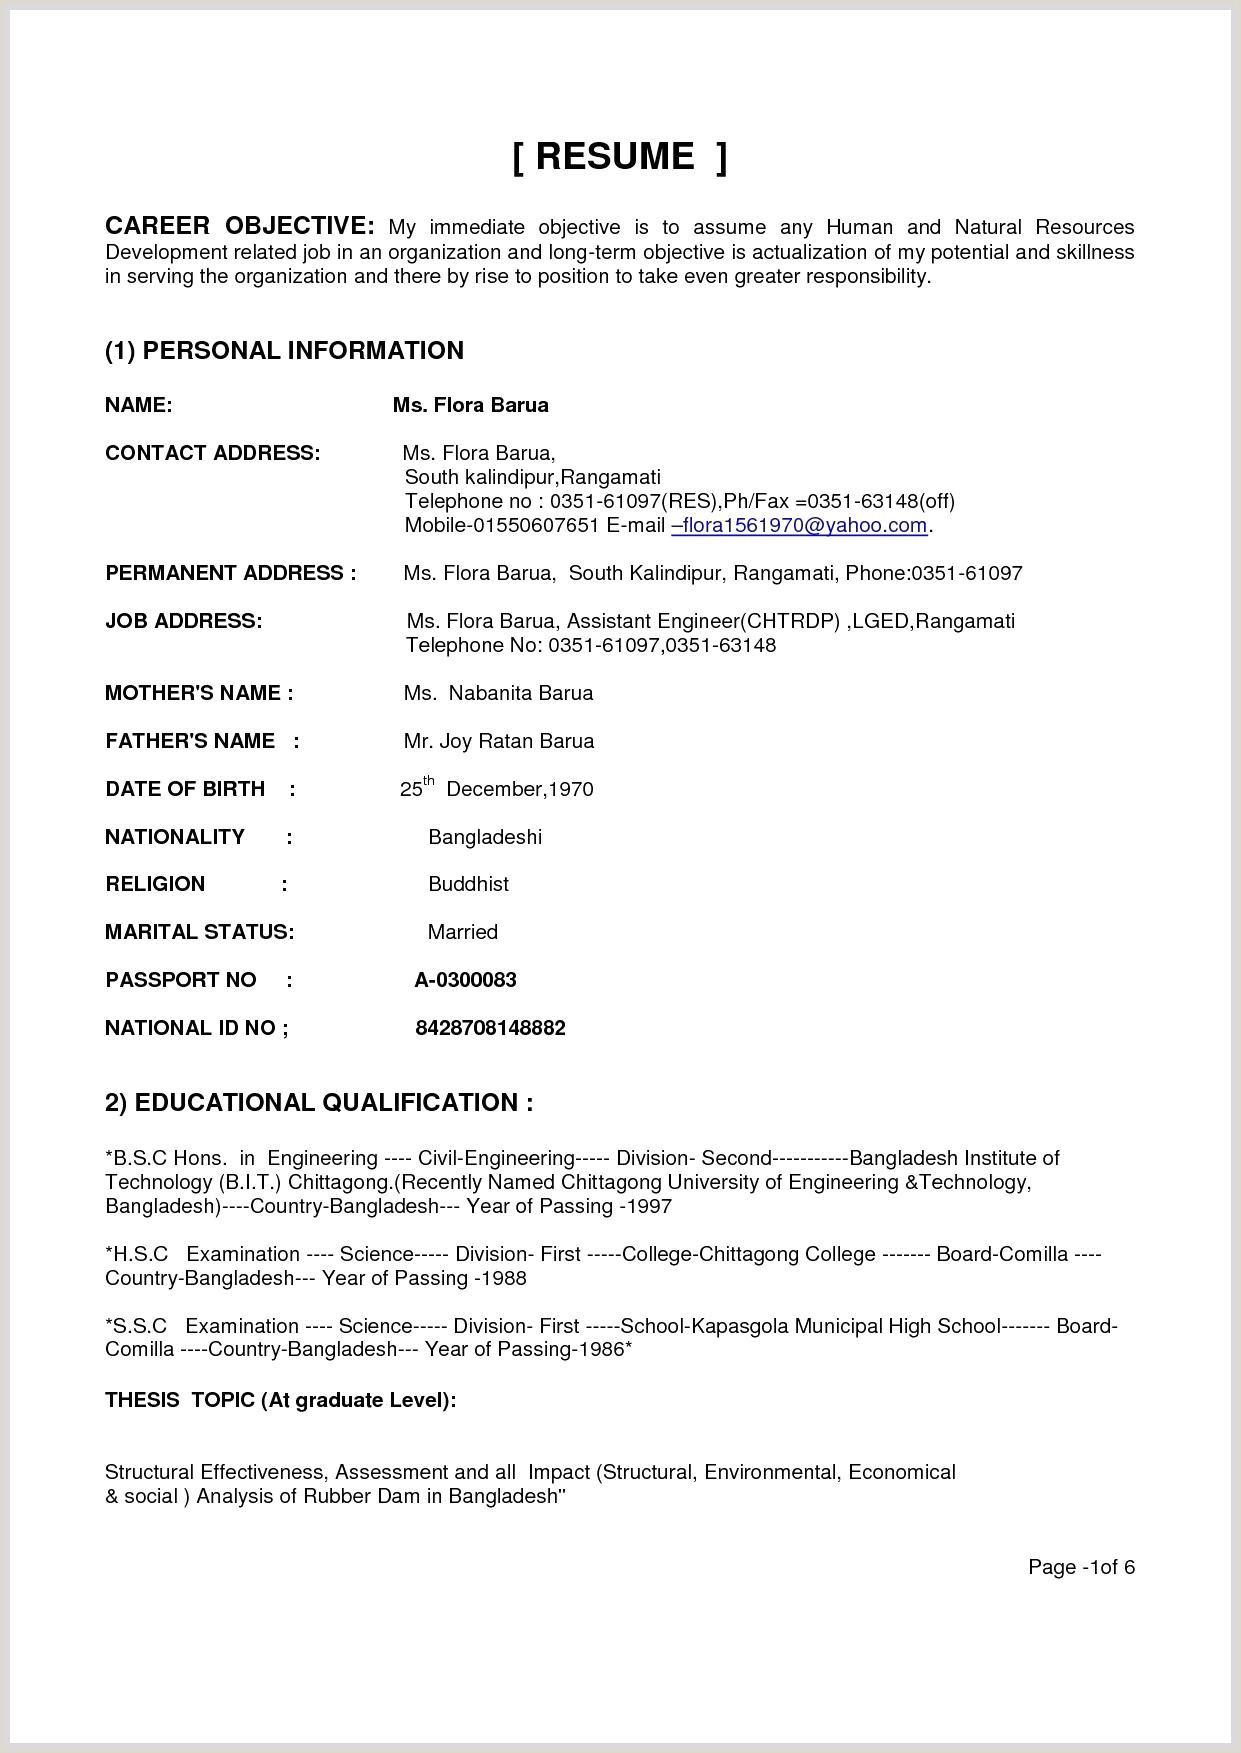 Fresher Resume Format For B.tech Civil Elegant Resume Sample For Civil Engineer Fresher